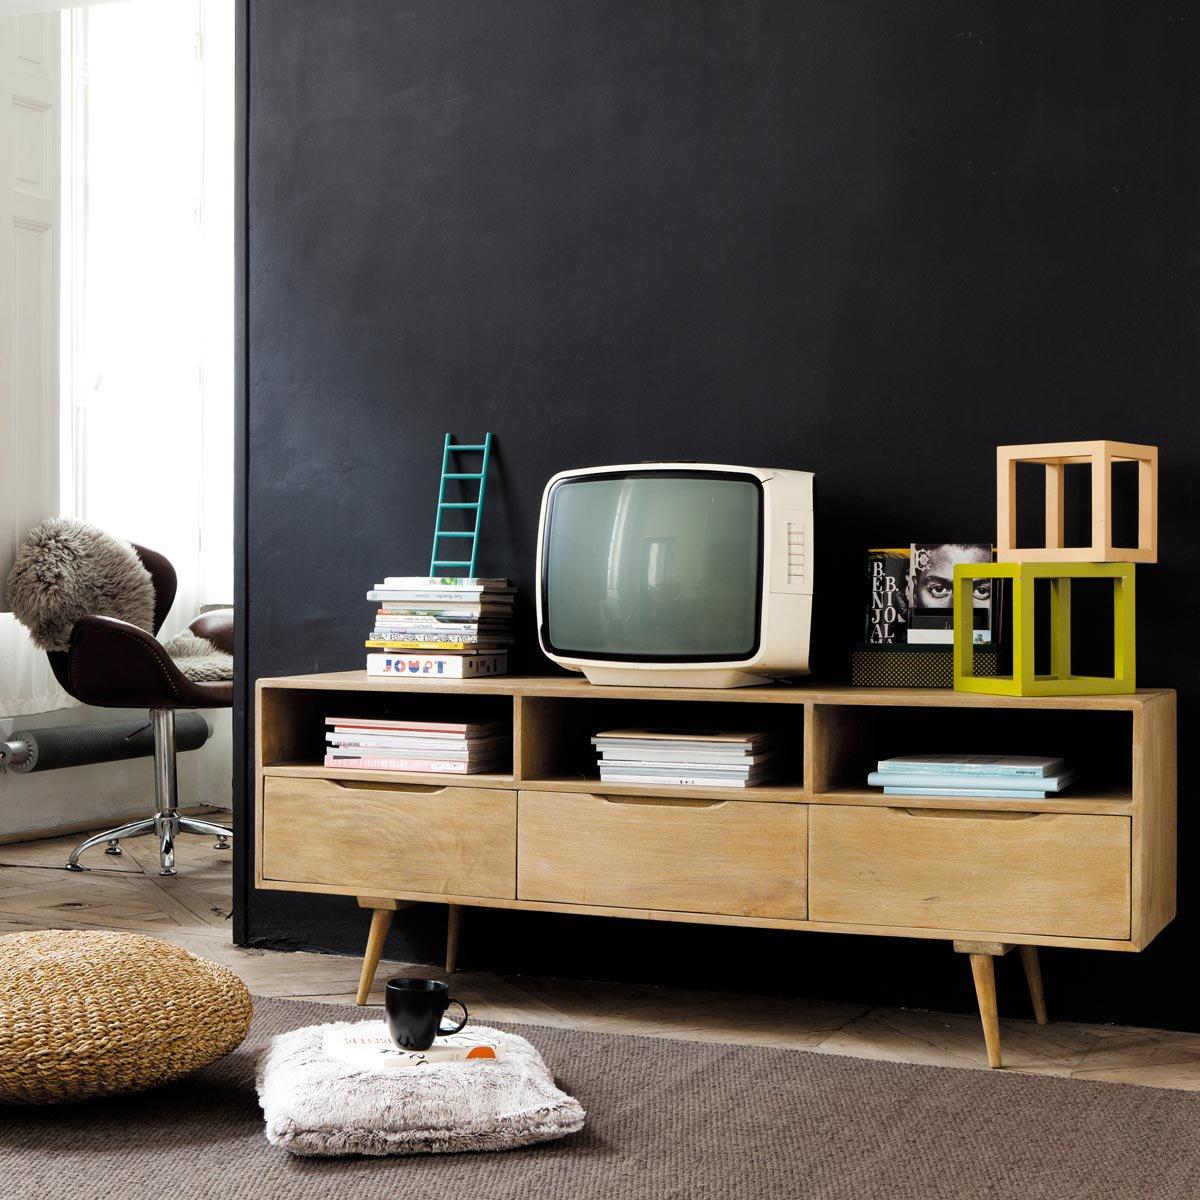 Petit Meuble Tv Maison Du Monde Artzein Com # Meuble Tv Maison Du Monde Vintage